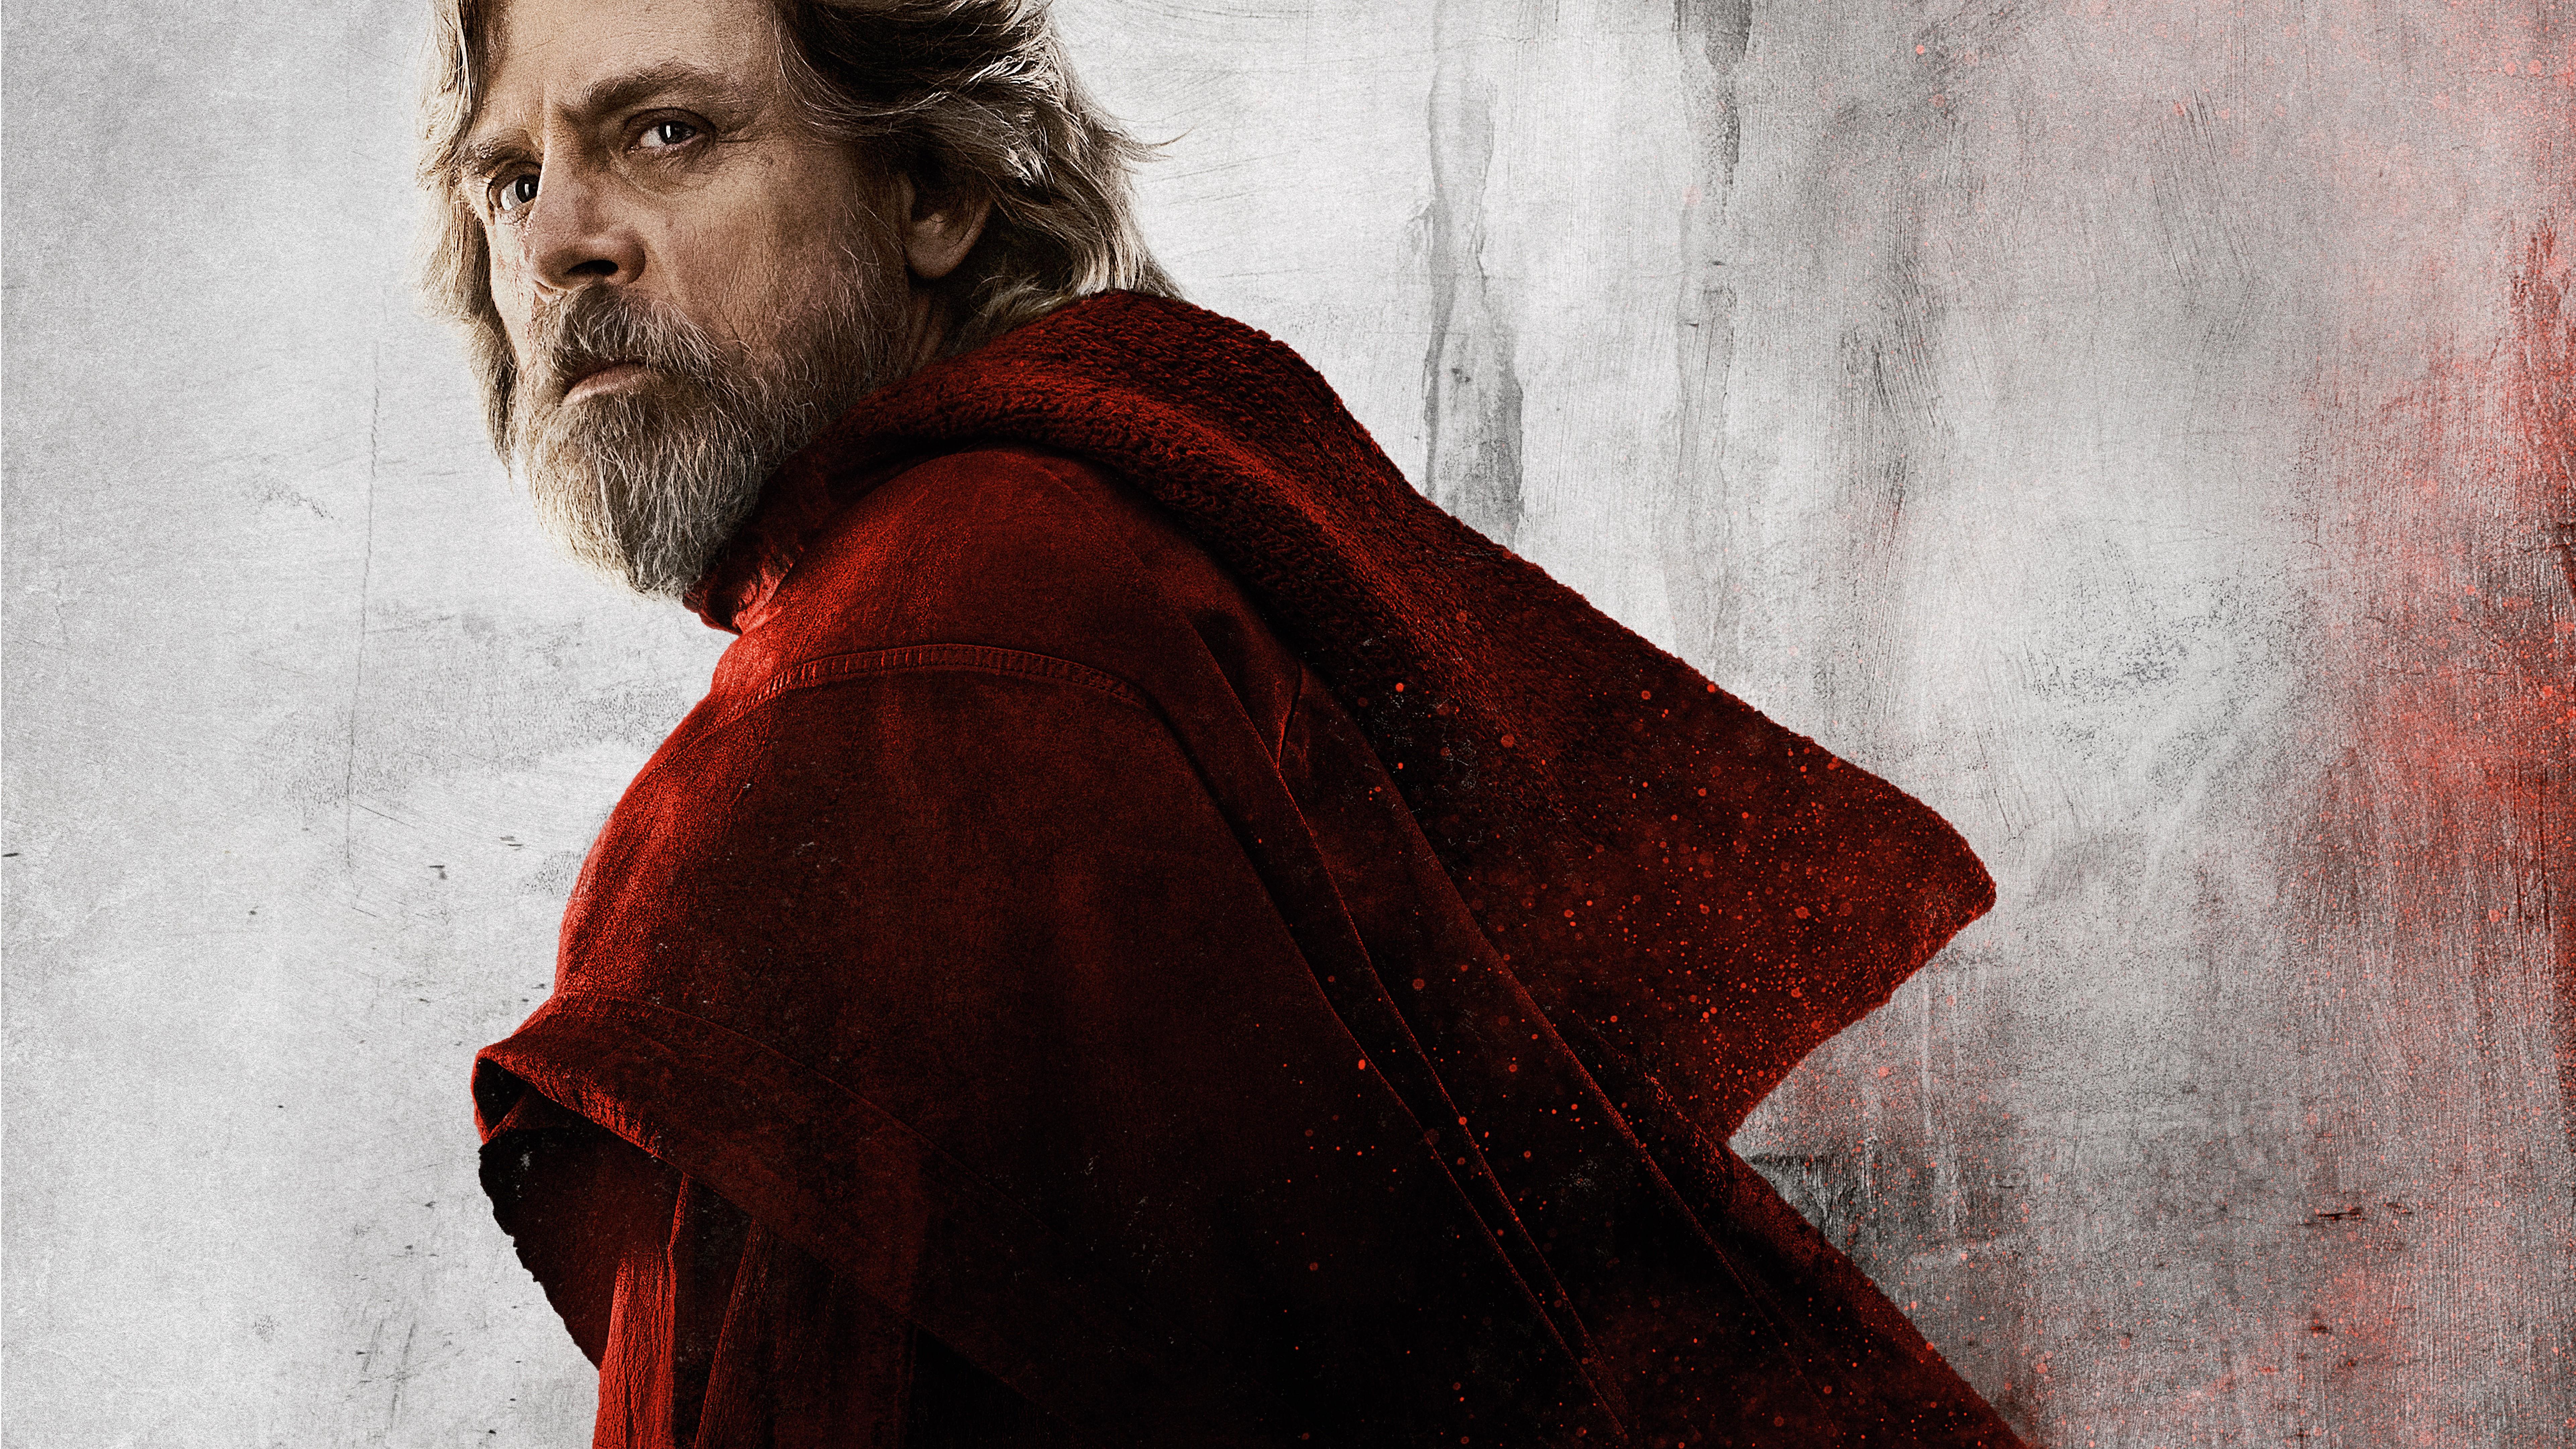 Wallpaper Star Wars The Last Jedi Mark Hamill 8k Movies 15103 7680x4320